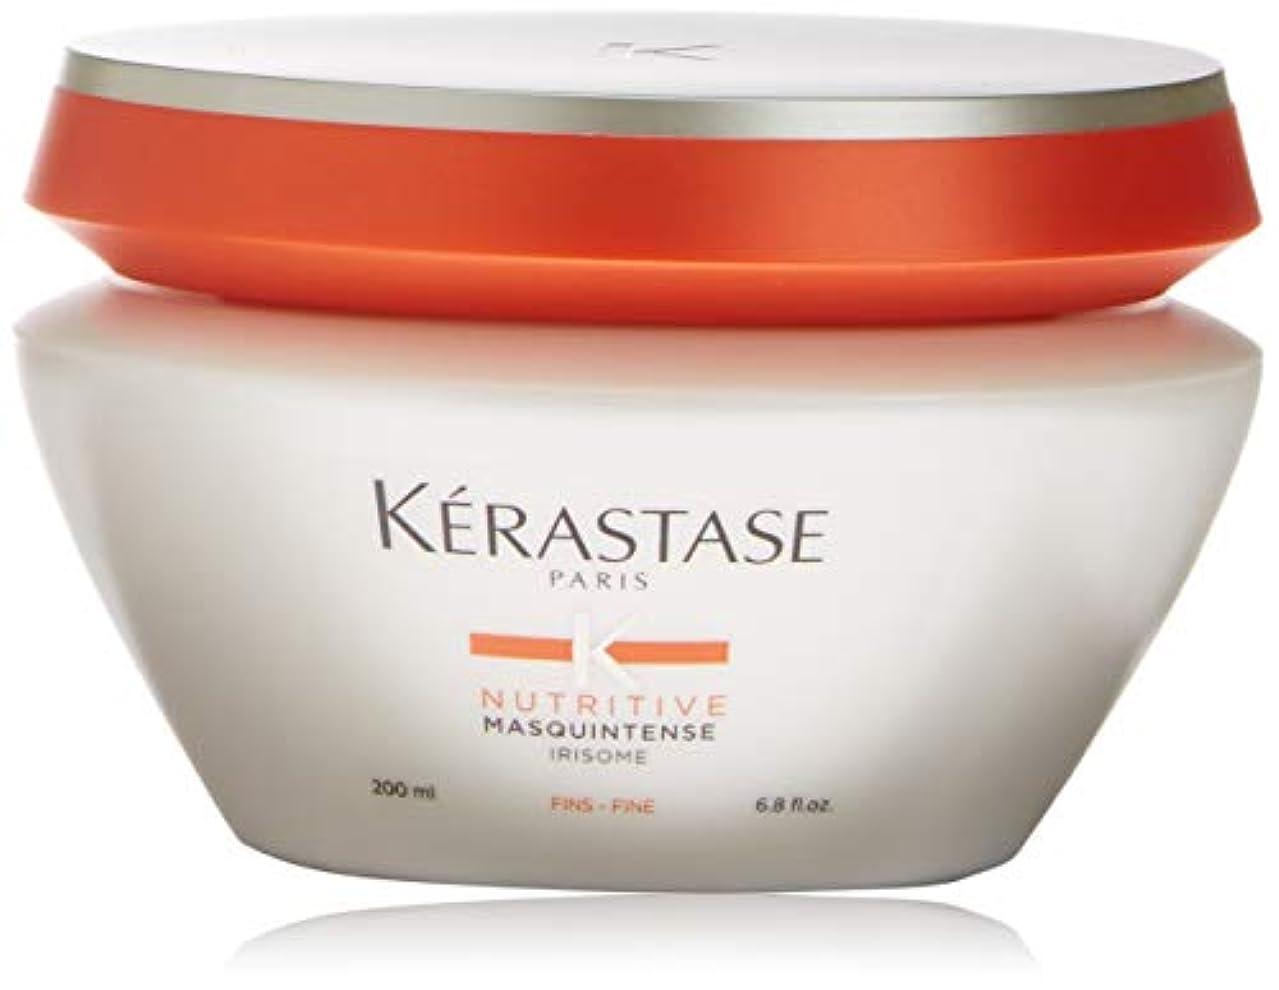 動的免疫一貫したケラスターゼ(KERASTASE) ニュートリティブ NU マスク アンタンス ファン(太い髪用) 200ml [並行輸入品]